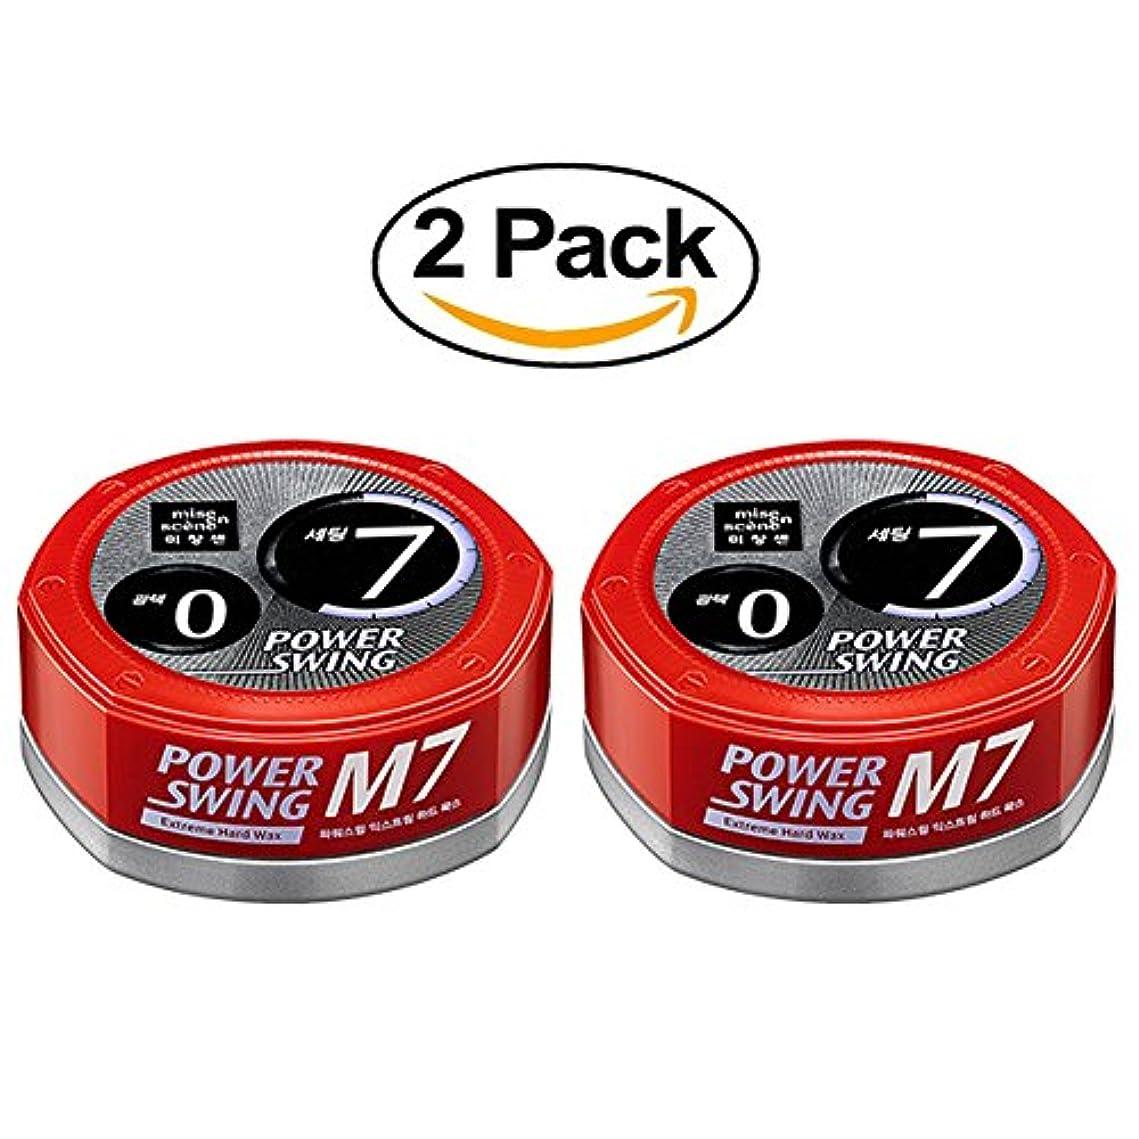 法律ファイターホットMise En Scene Power Swing Hair Wax 80 G M7 Extreme Hard Hair Styling for Man 2PACK ミゼ?エン?シーンパワー?スイング?ヘア?ワックス80...